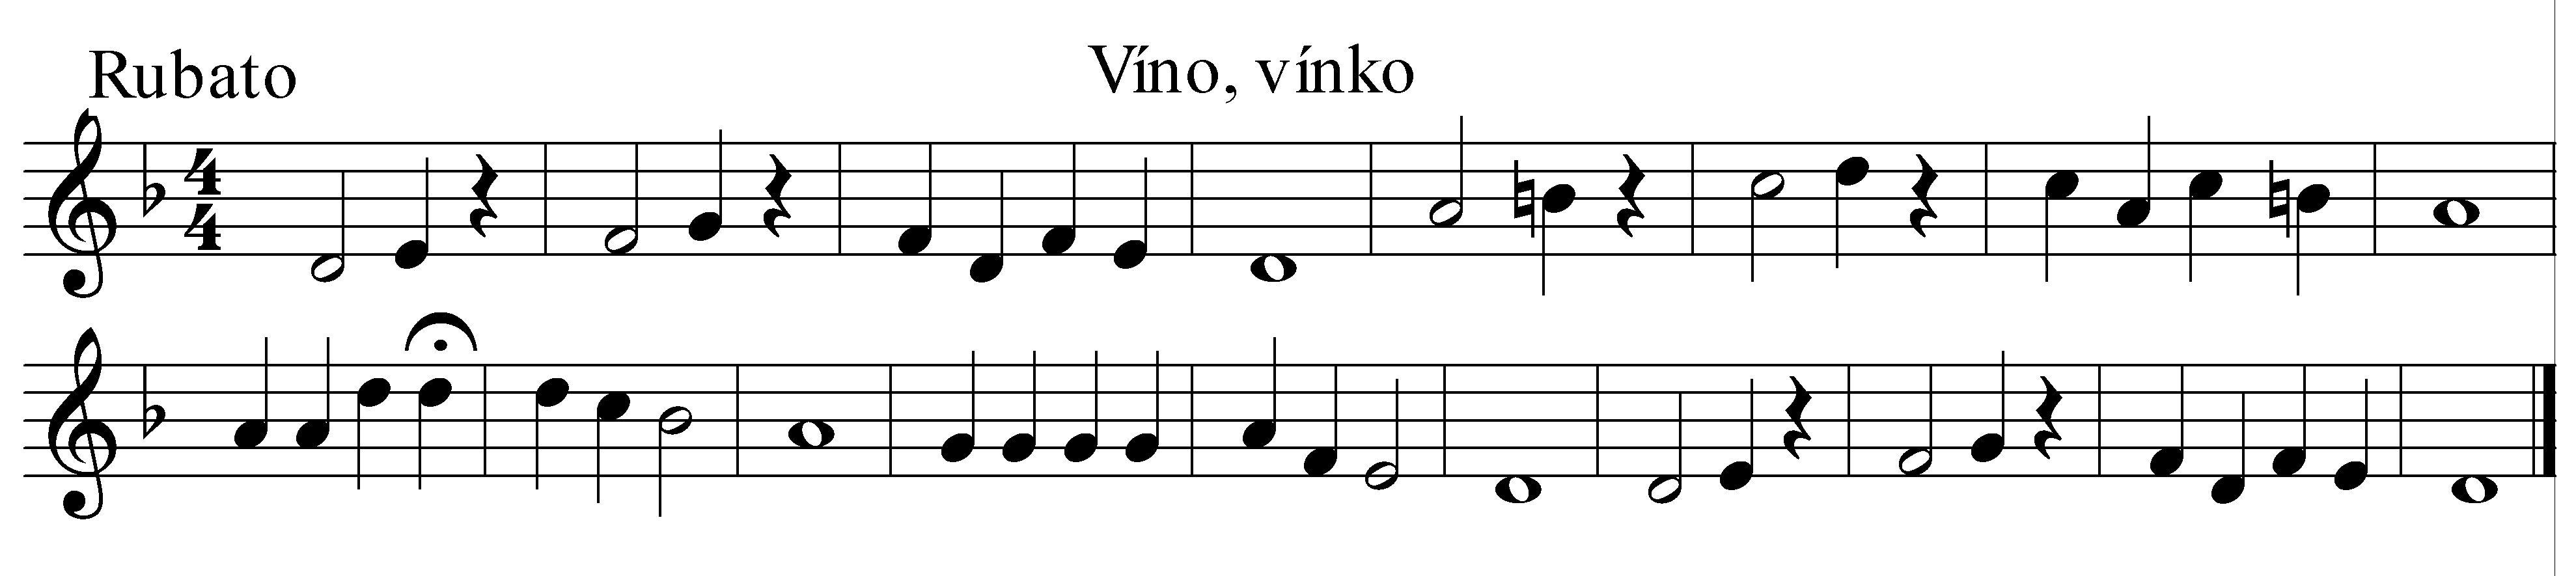 cimbálová muzika - vinko vinko